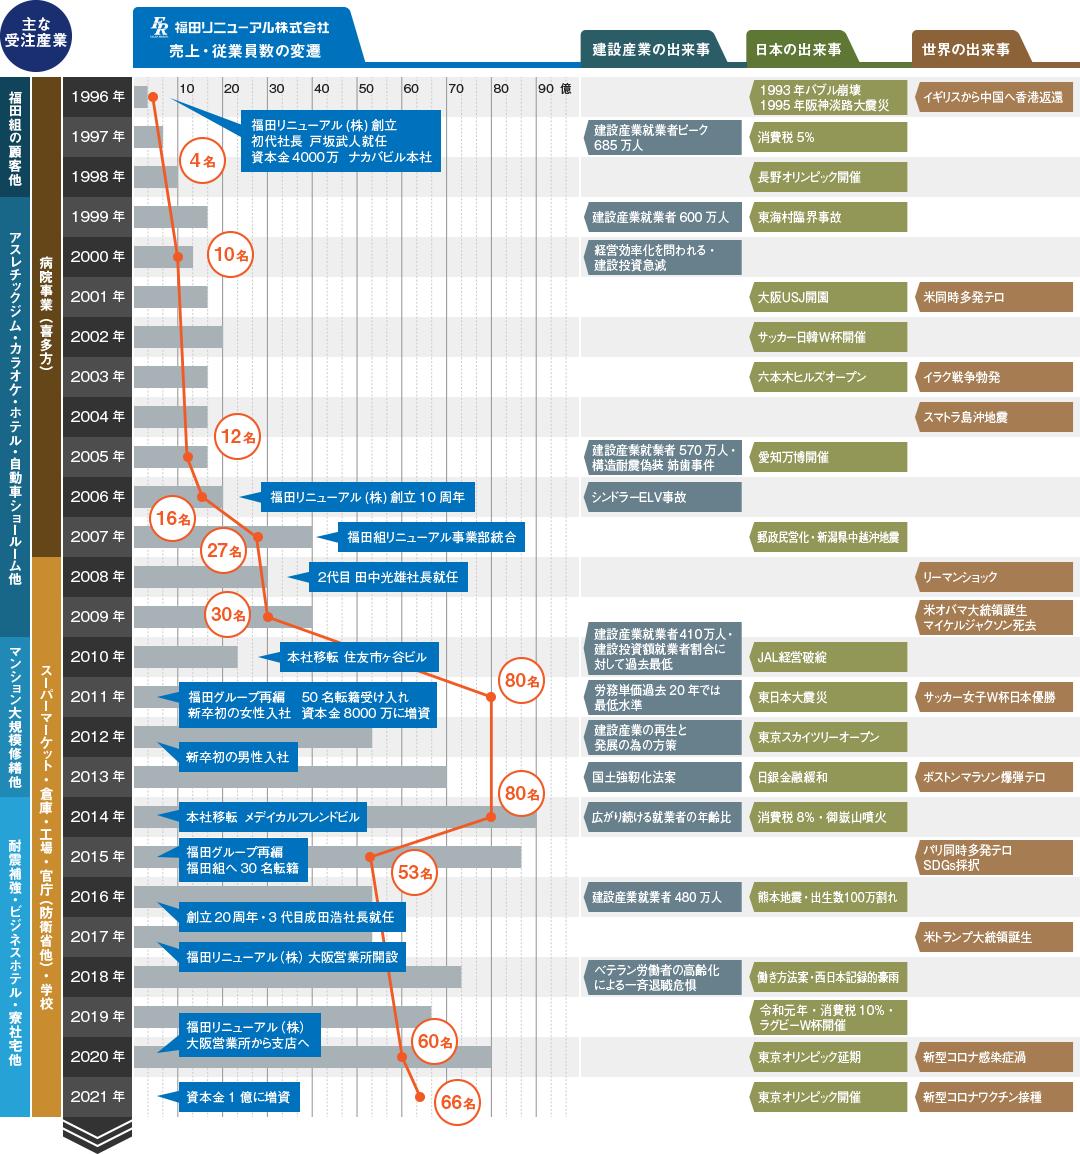 世界・日本・建設情勢と福田リニューアルの歴史